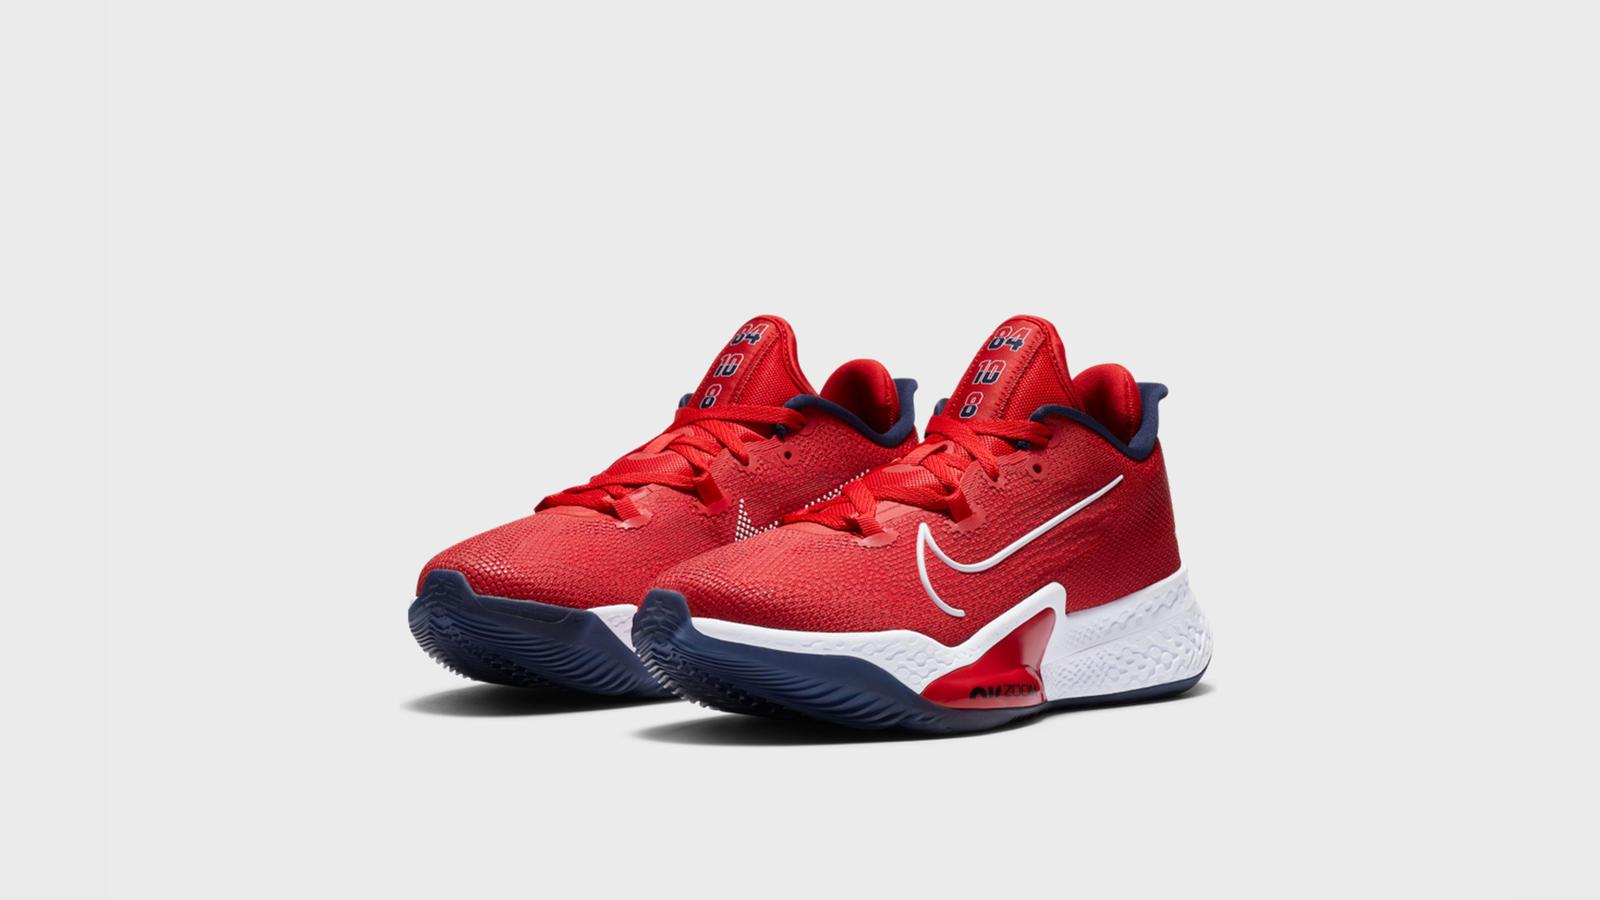 Nike Basketball Footwear NBA and WNBA Return 2020 20